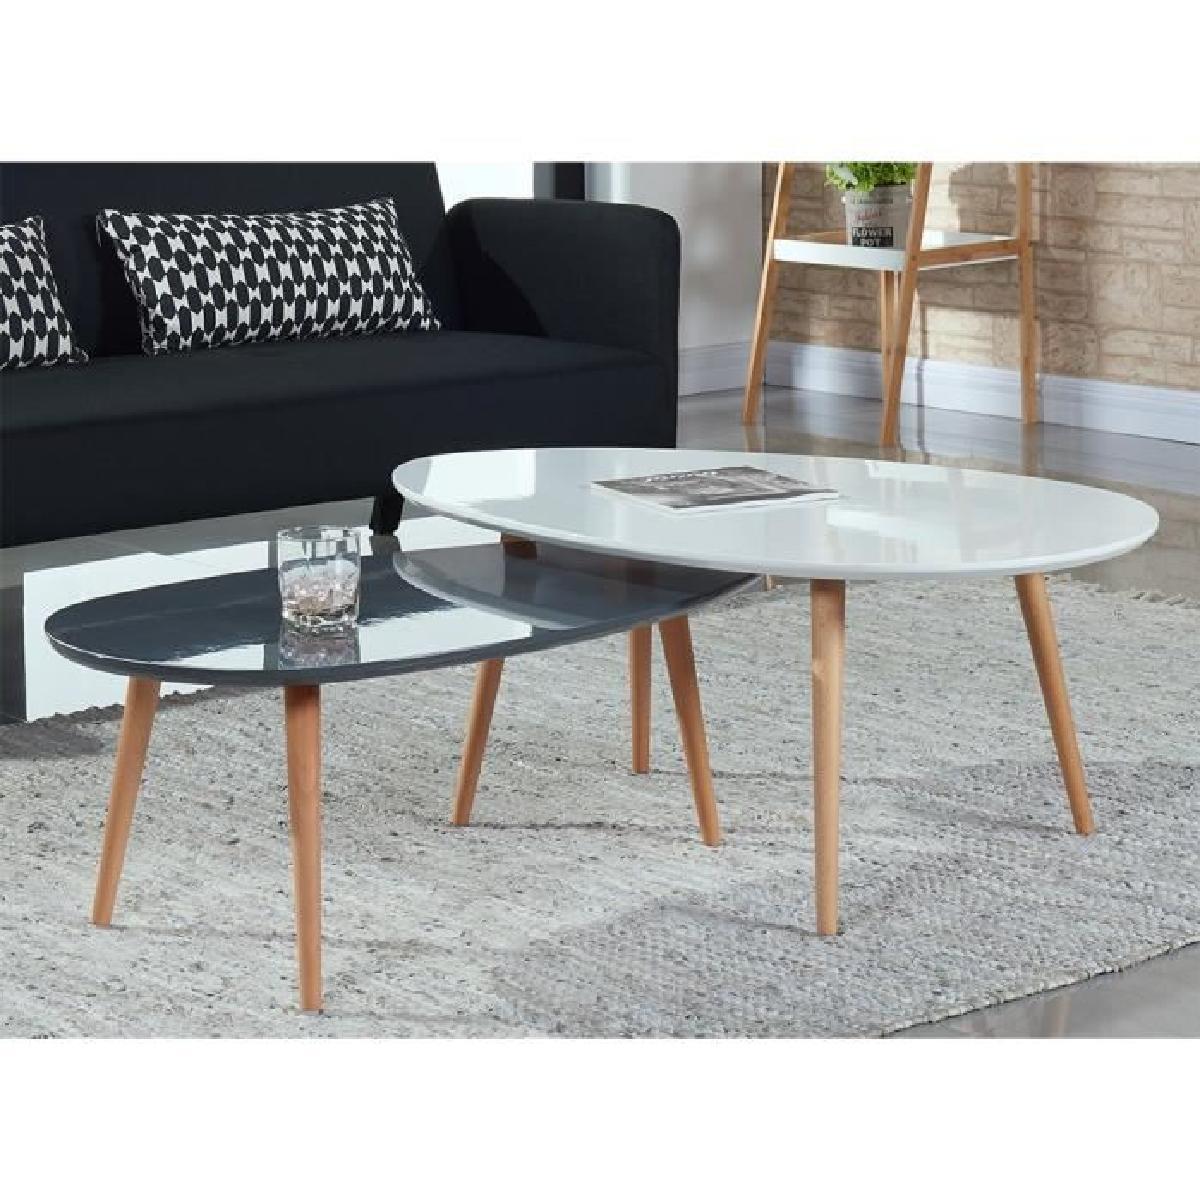 table salon modern table de salon table basse stone lot de 2 tables YPRDLPZ